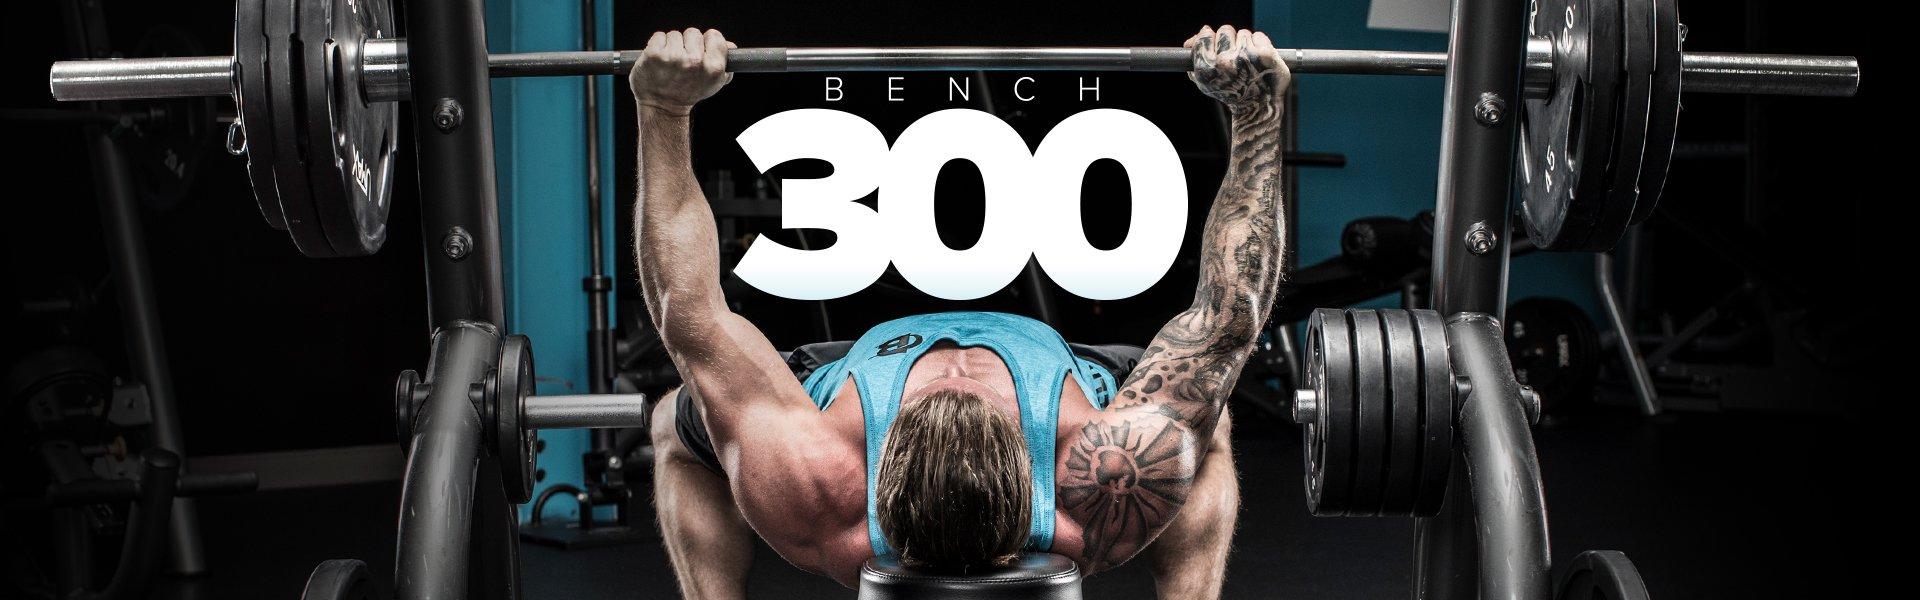 Bench 300